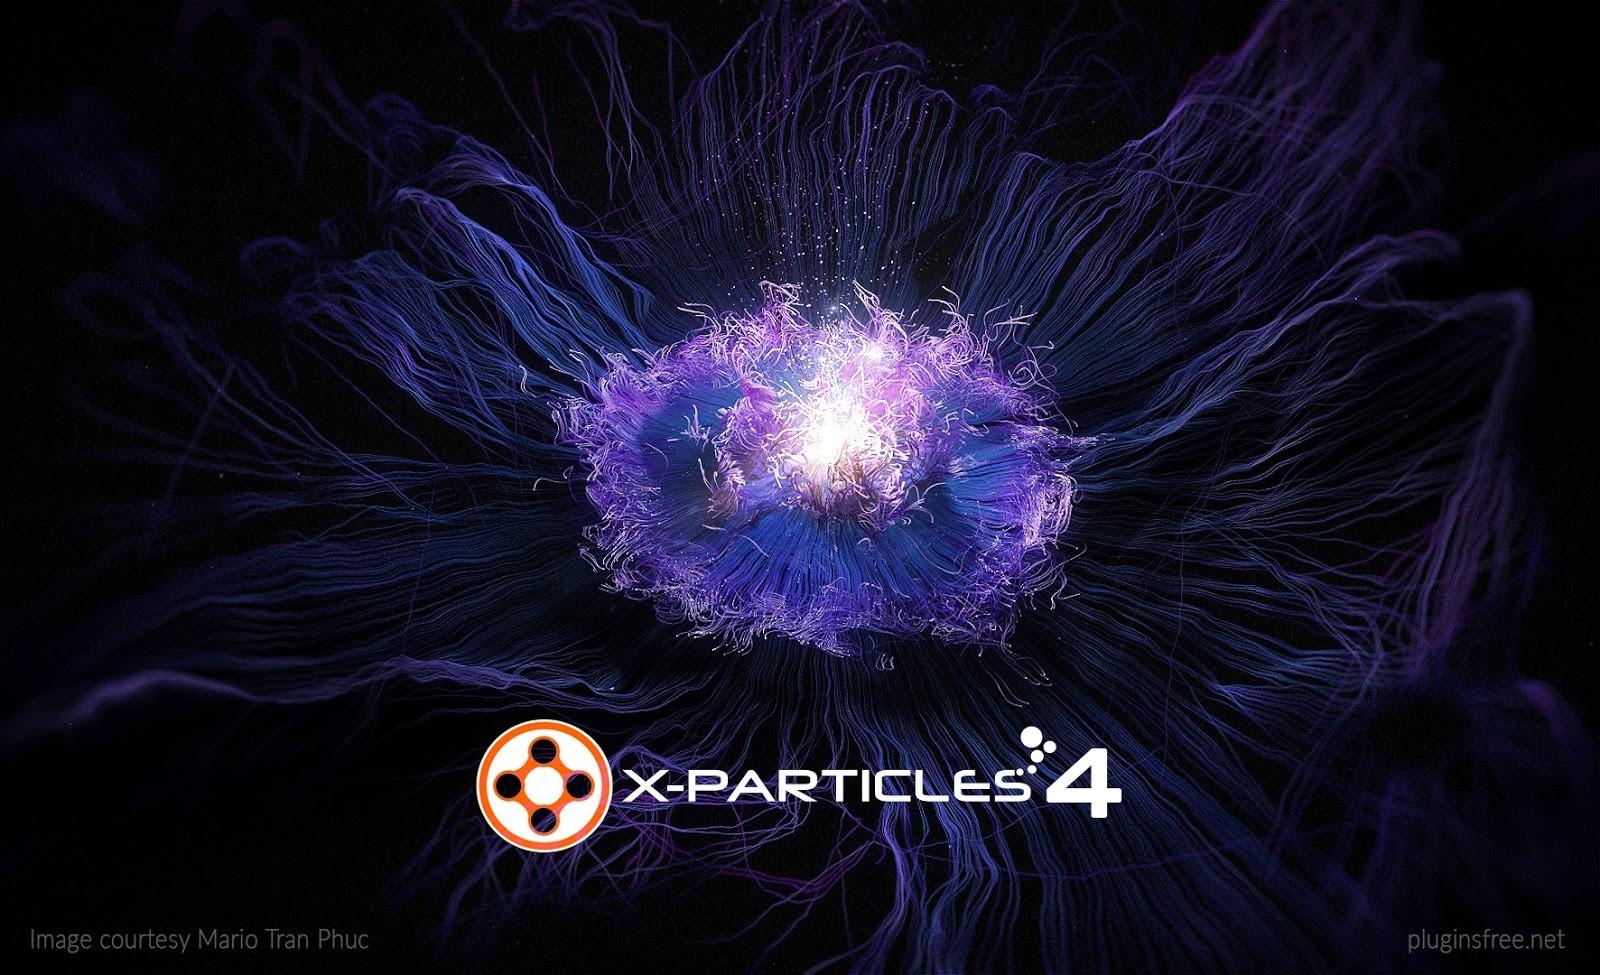 X Particle 4 Download For Cinema 4d - NullPk | Digital Platform